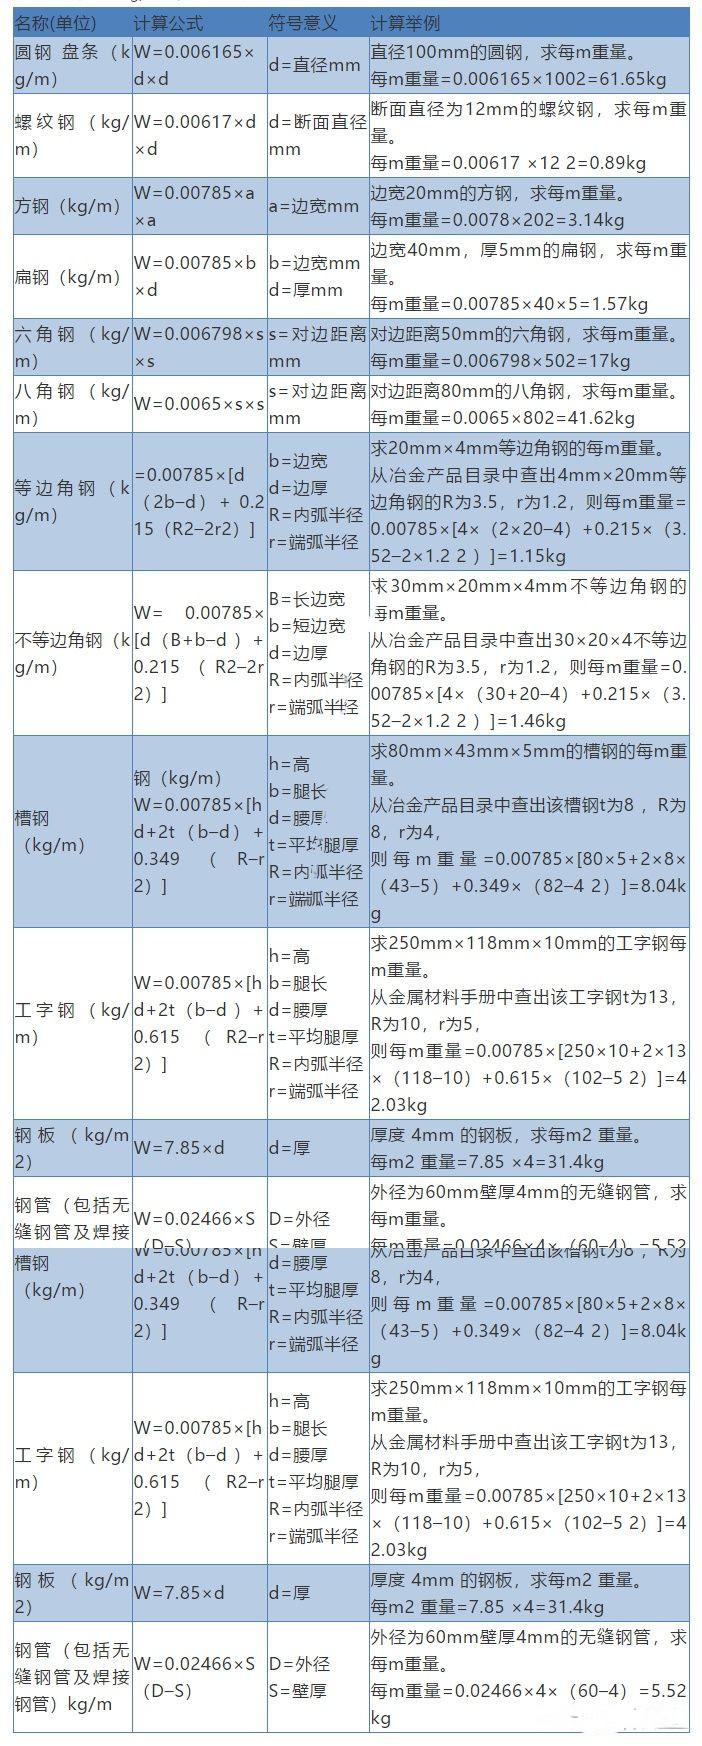 钢筋重量计算公式  各规格钢筋计算方法